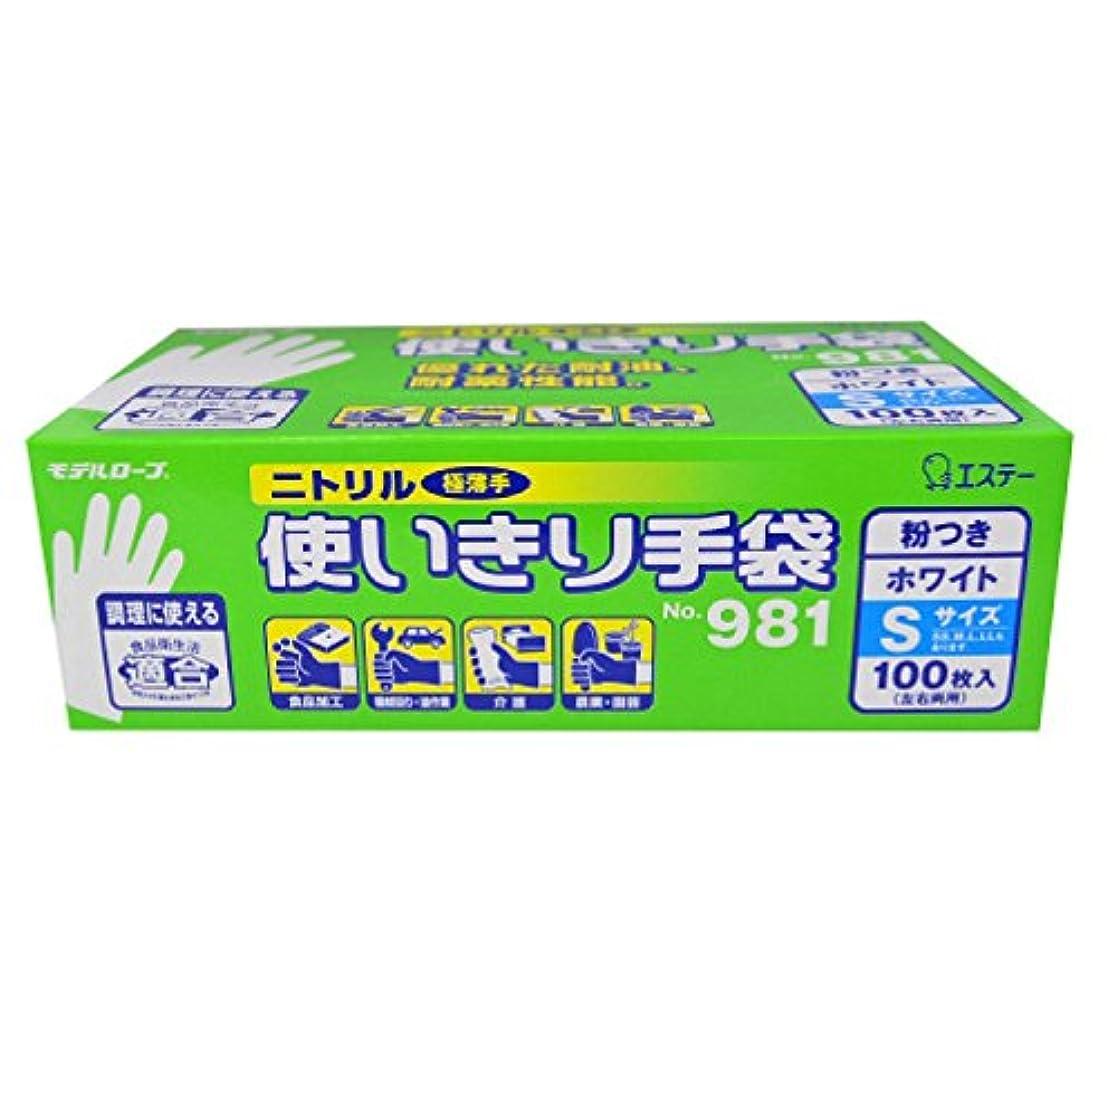 空のおばあさん後退するエステー/ニトリル使いきり手袋 箱入 (粉つき) [100枚入]/品番:981 サイズ:LL カラー:ブルー